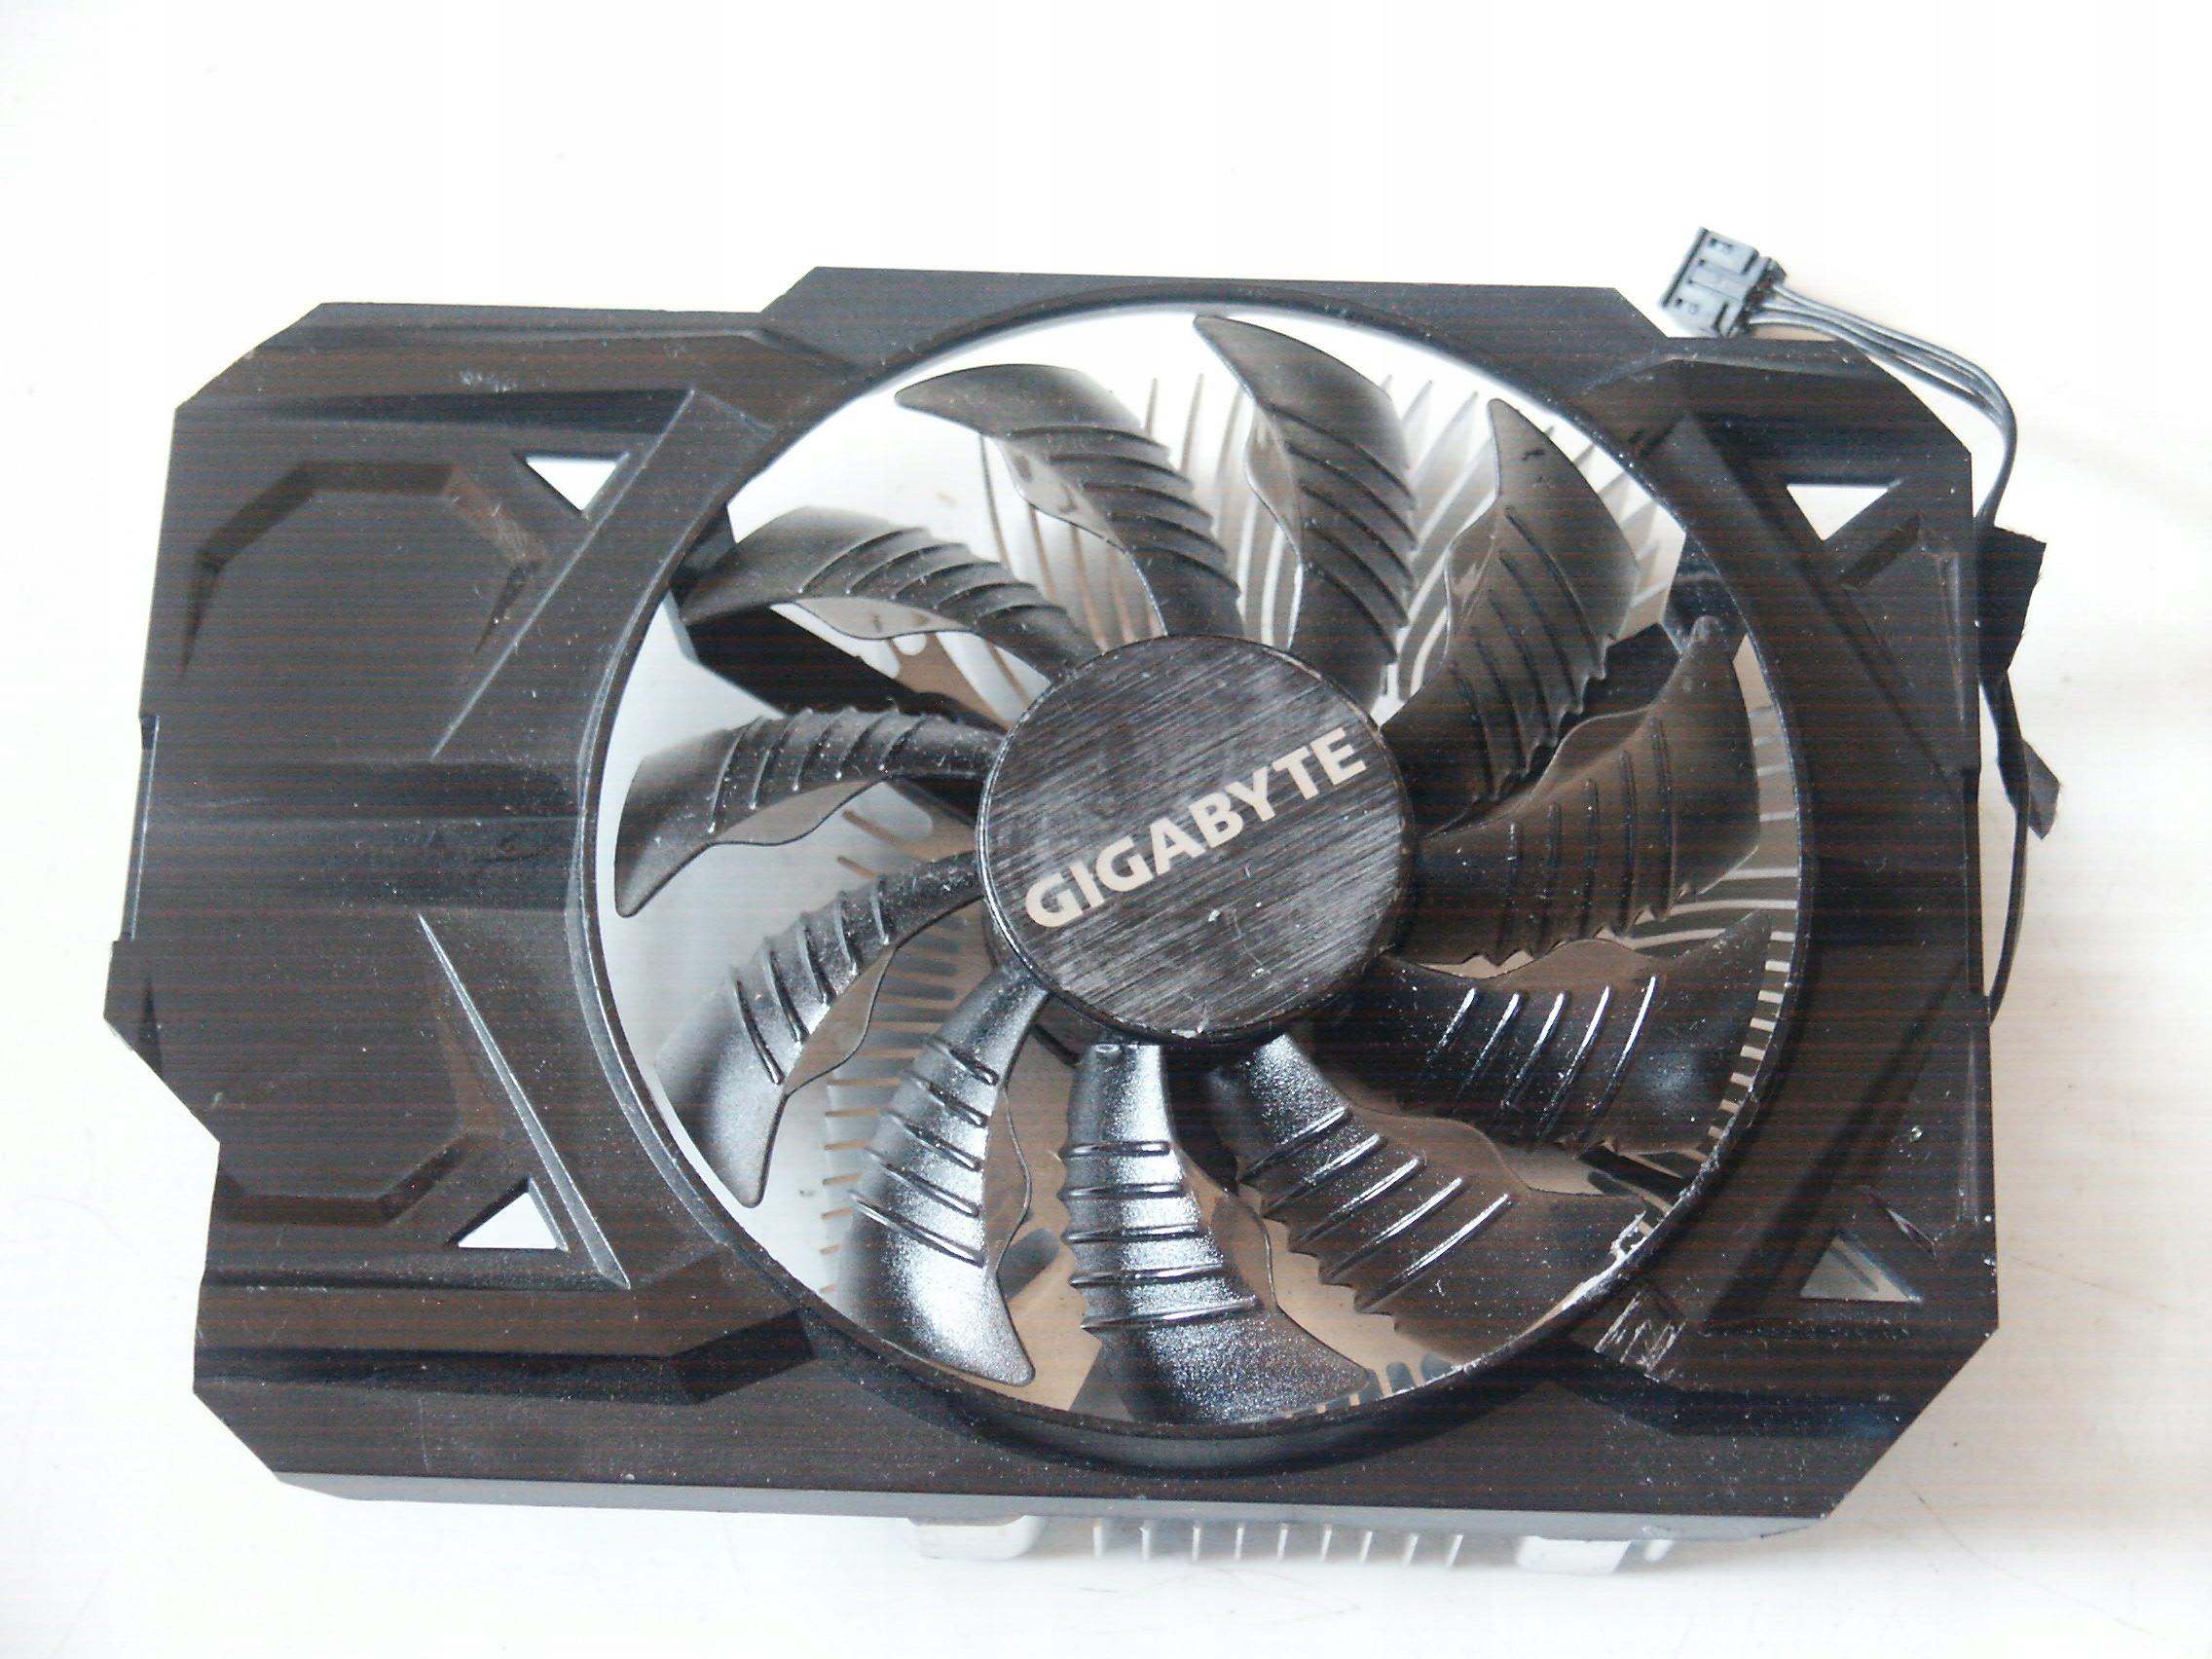 Chłodzenie karty graficznej Gigabyte WindForce P43